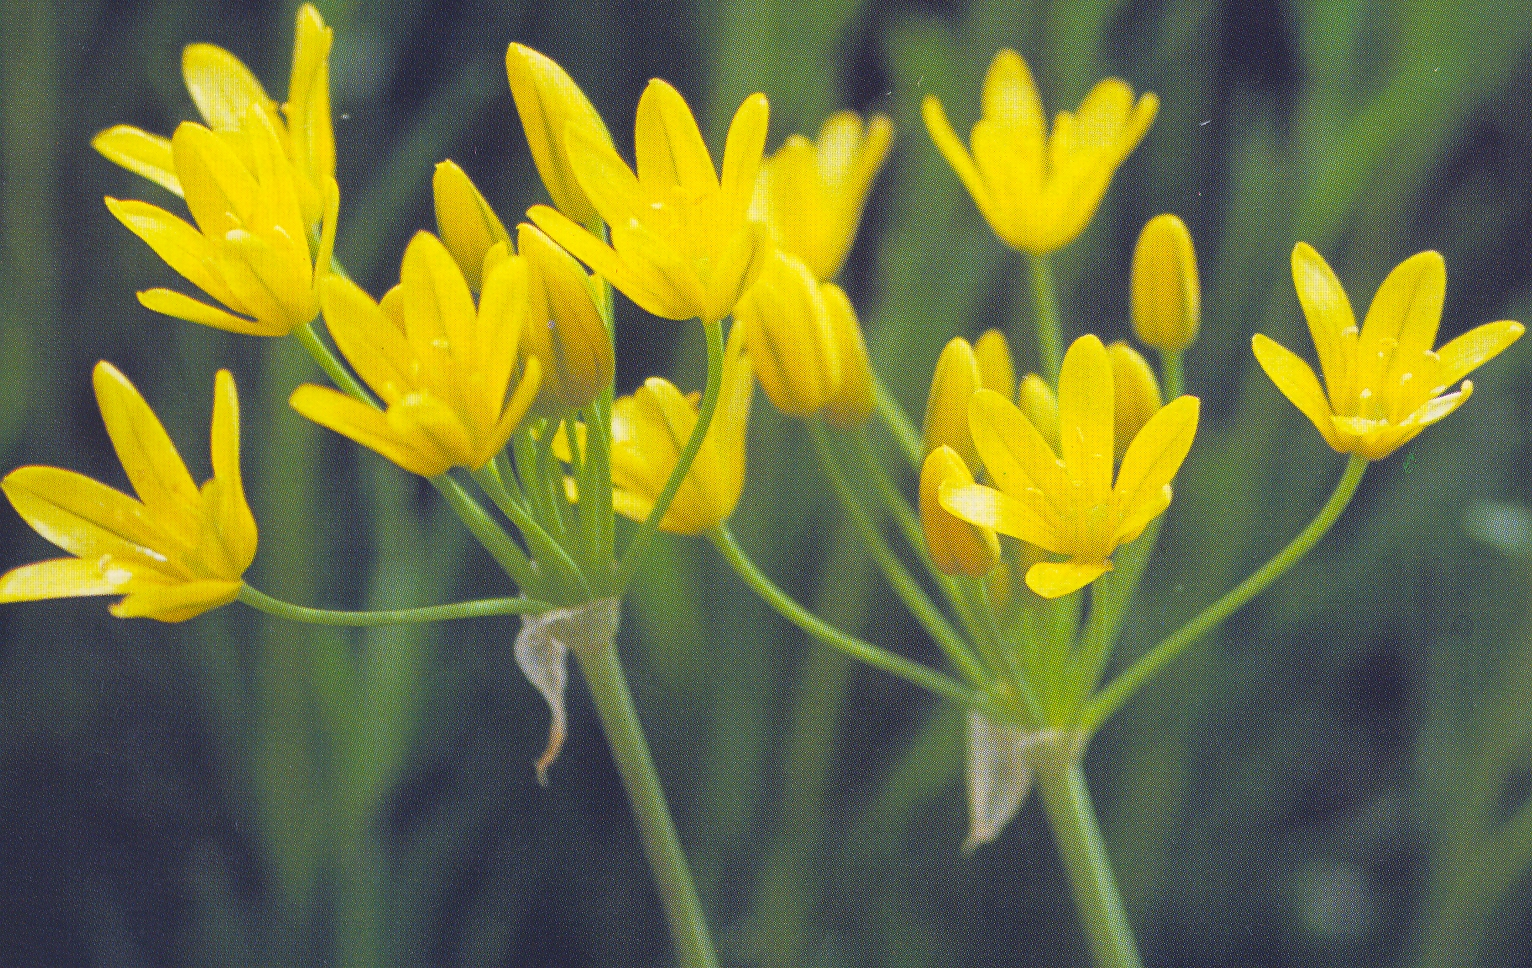 Allium%20scorzonerifolium.jpg